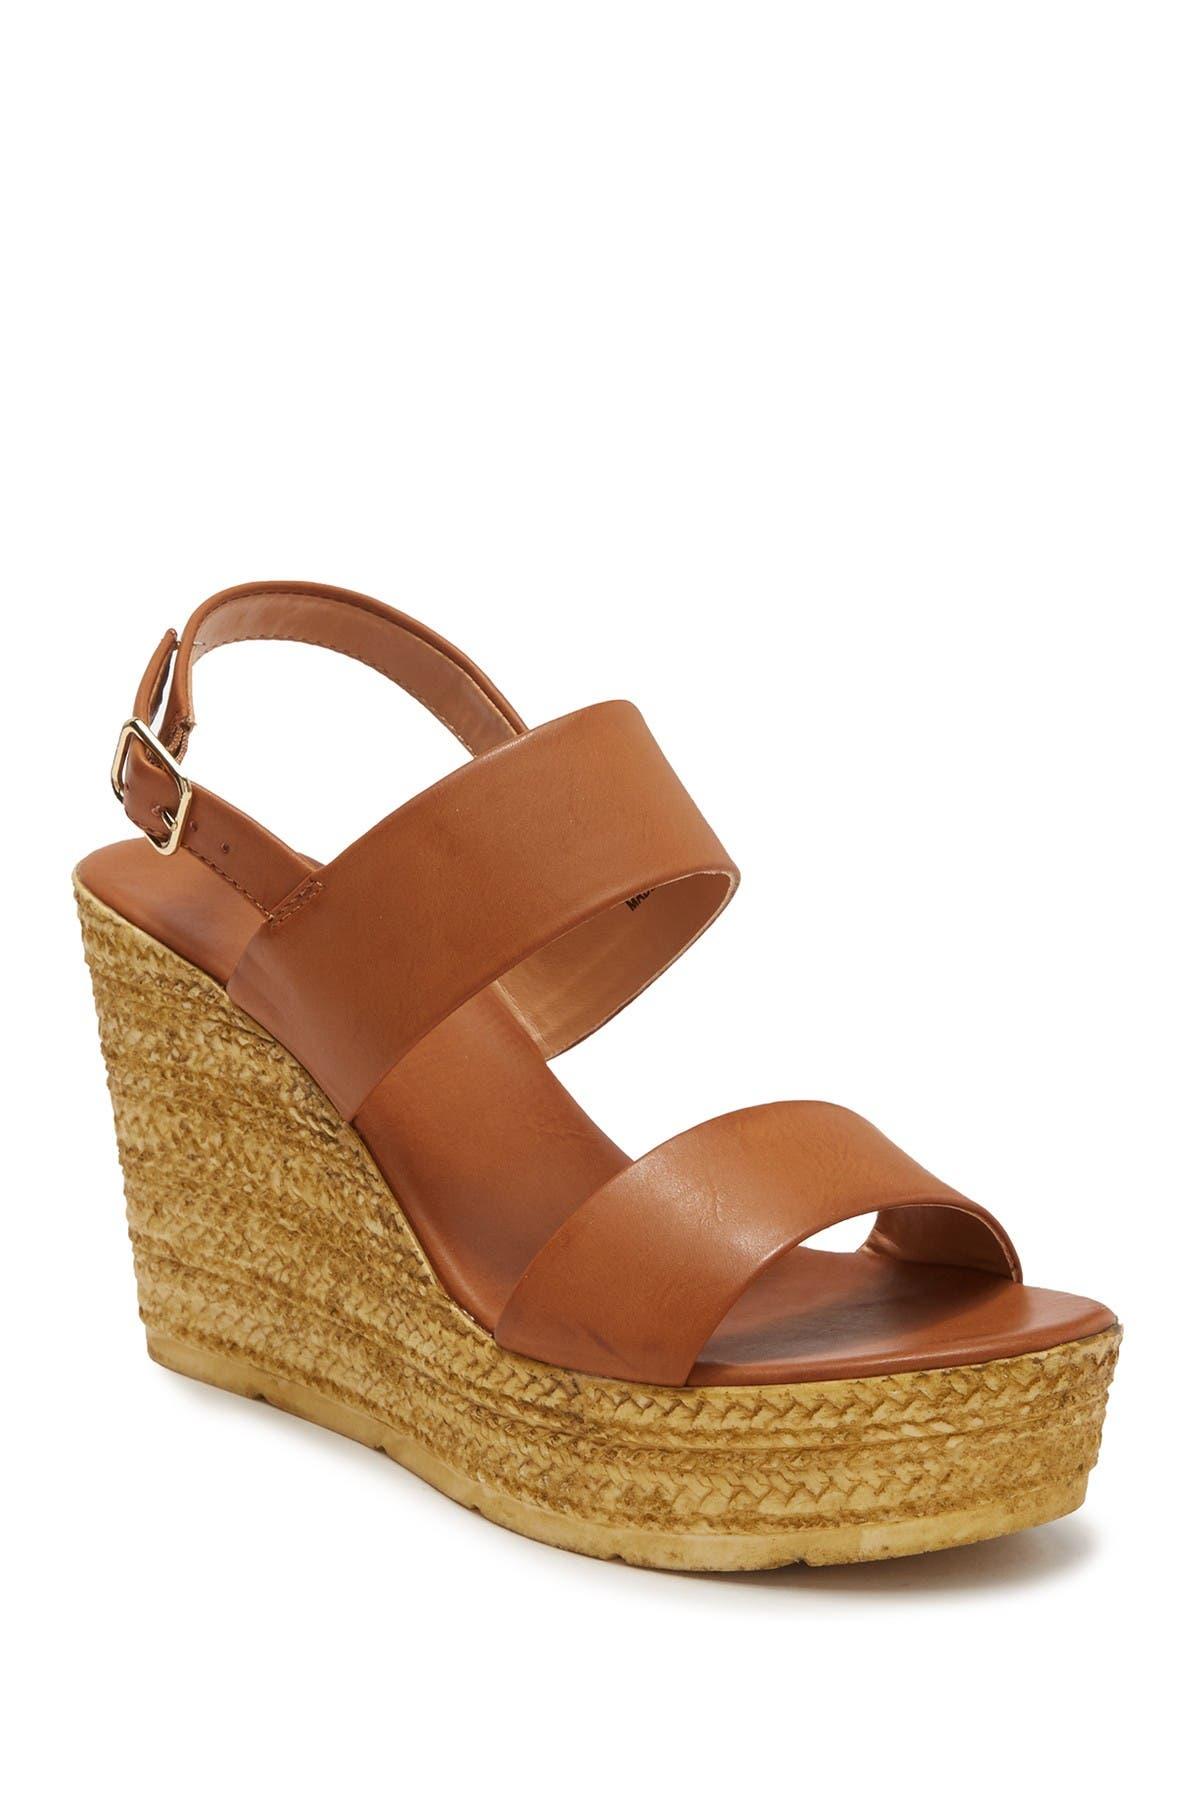 Platform Sandals for Women   Nordstrom Rack